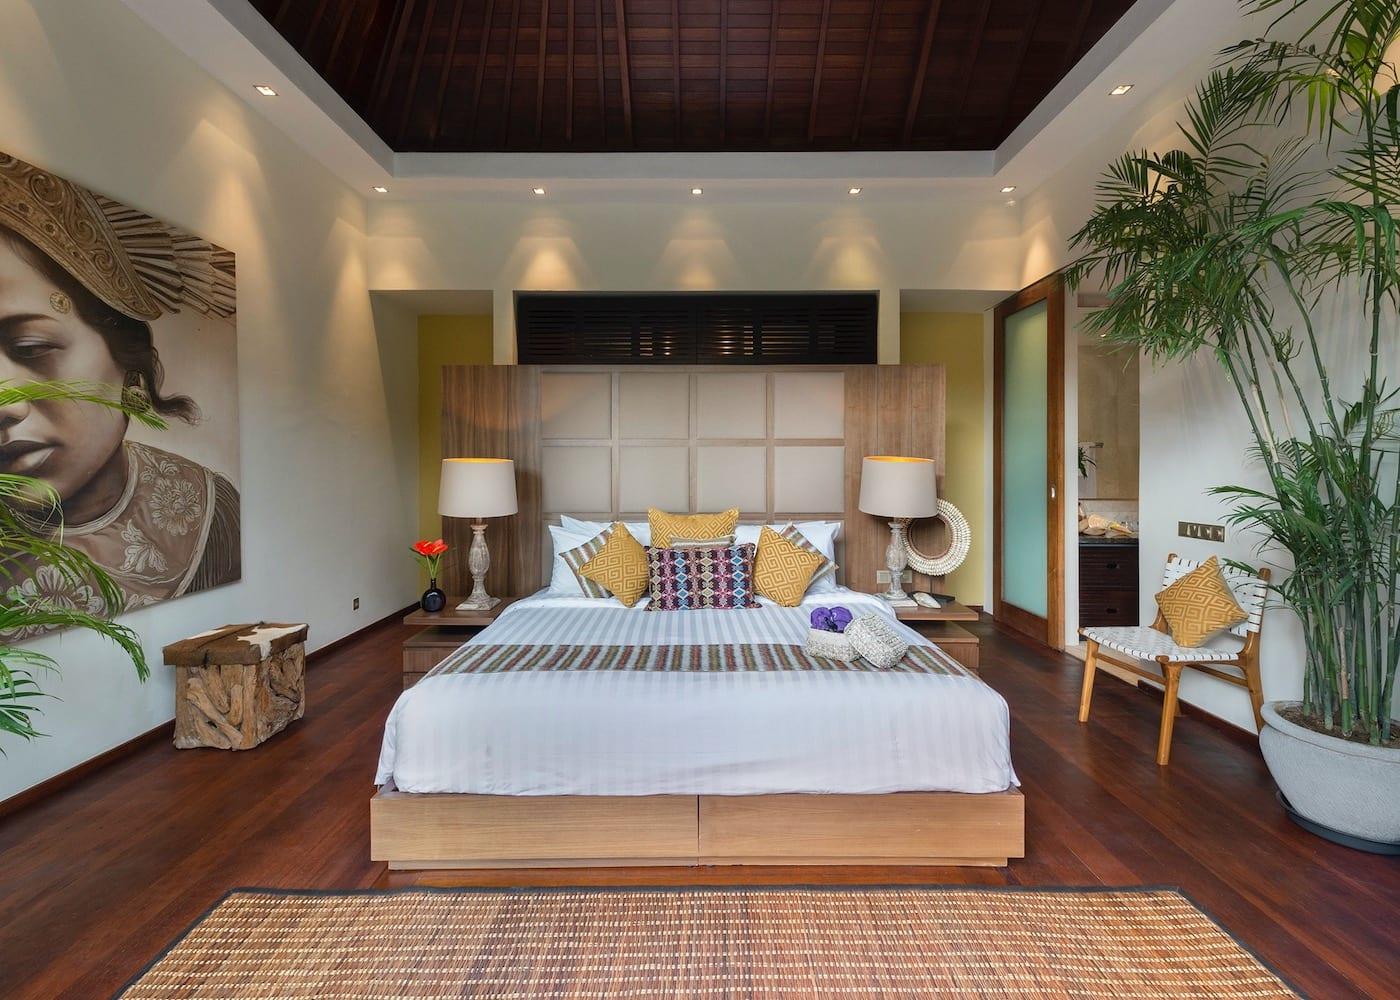 Inside Eshara Villas - one of the best private villas in Seminyak, Bali, Indonesia